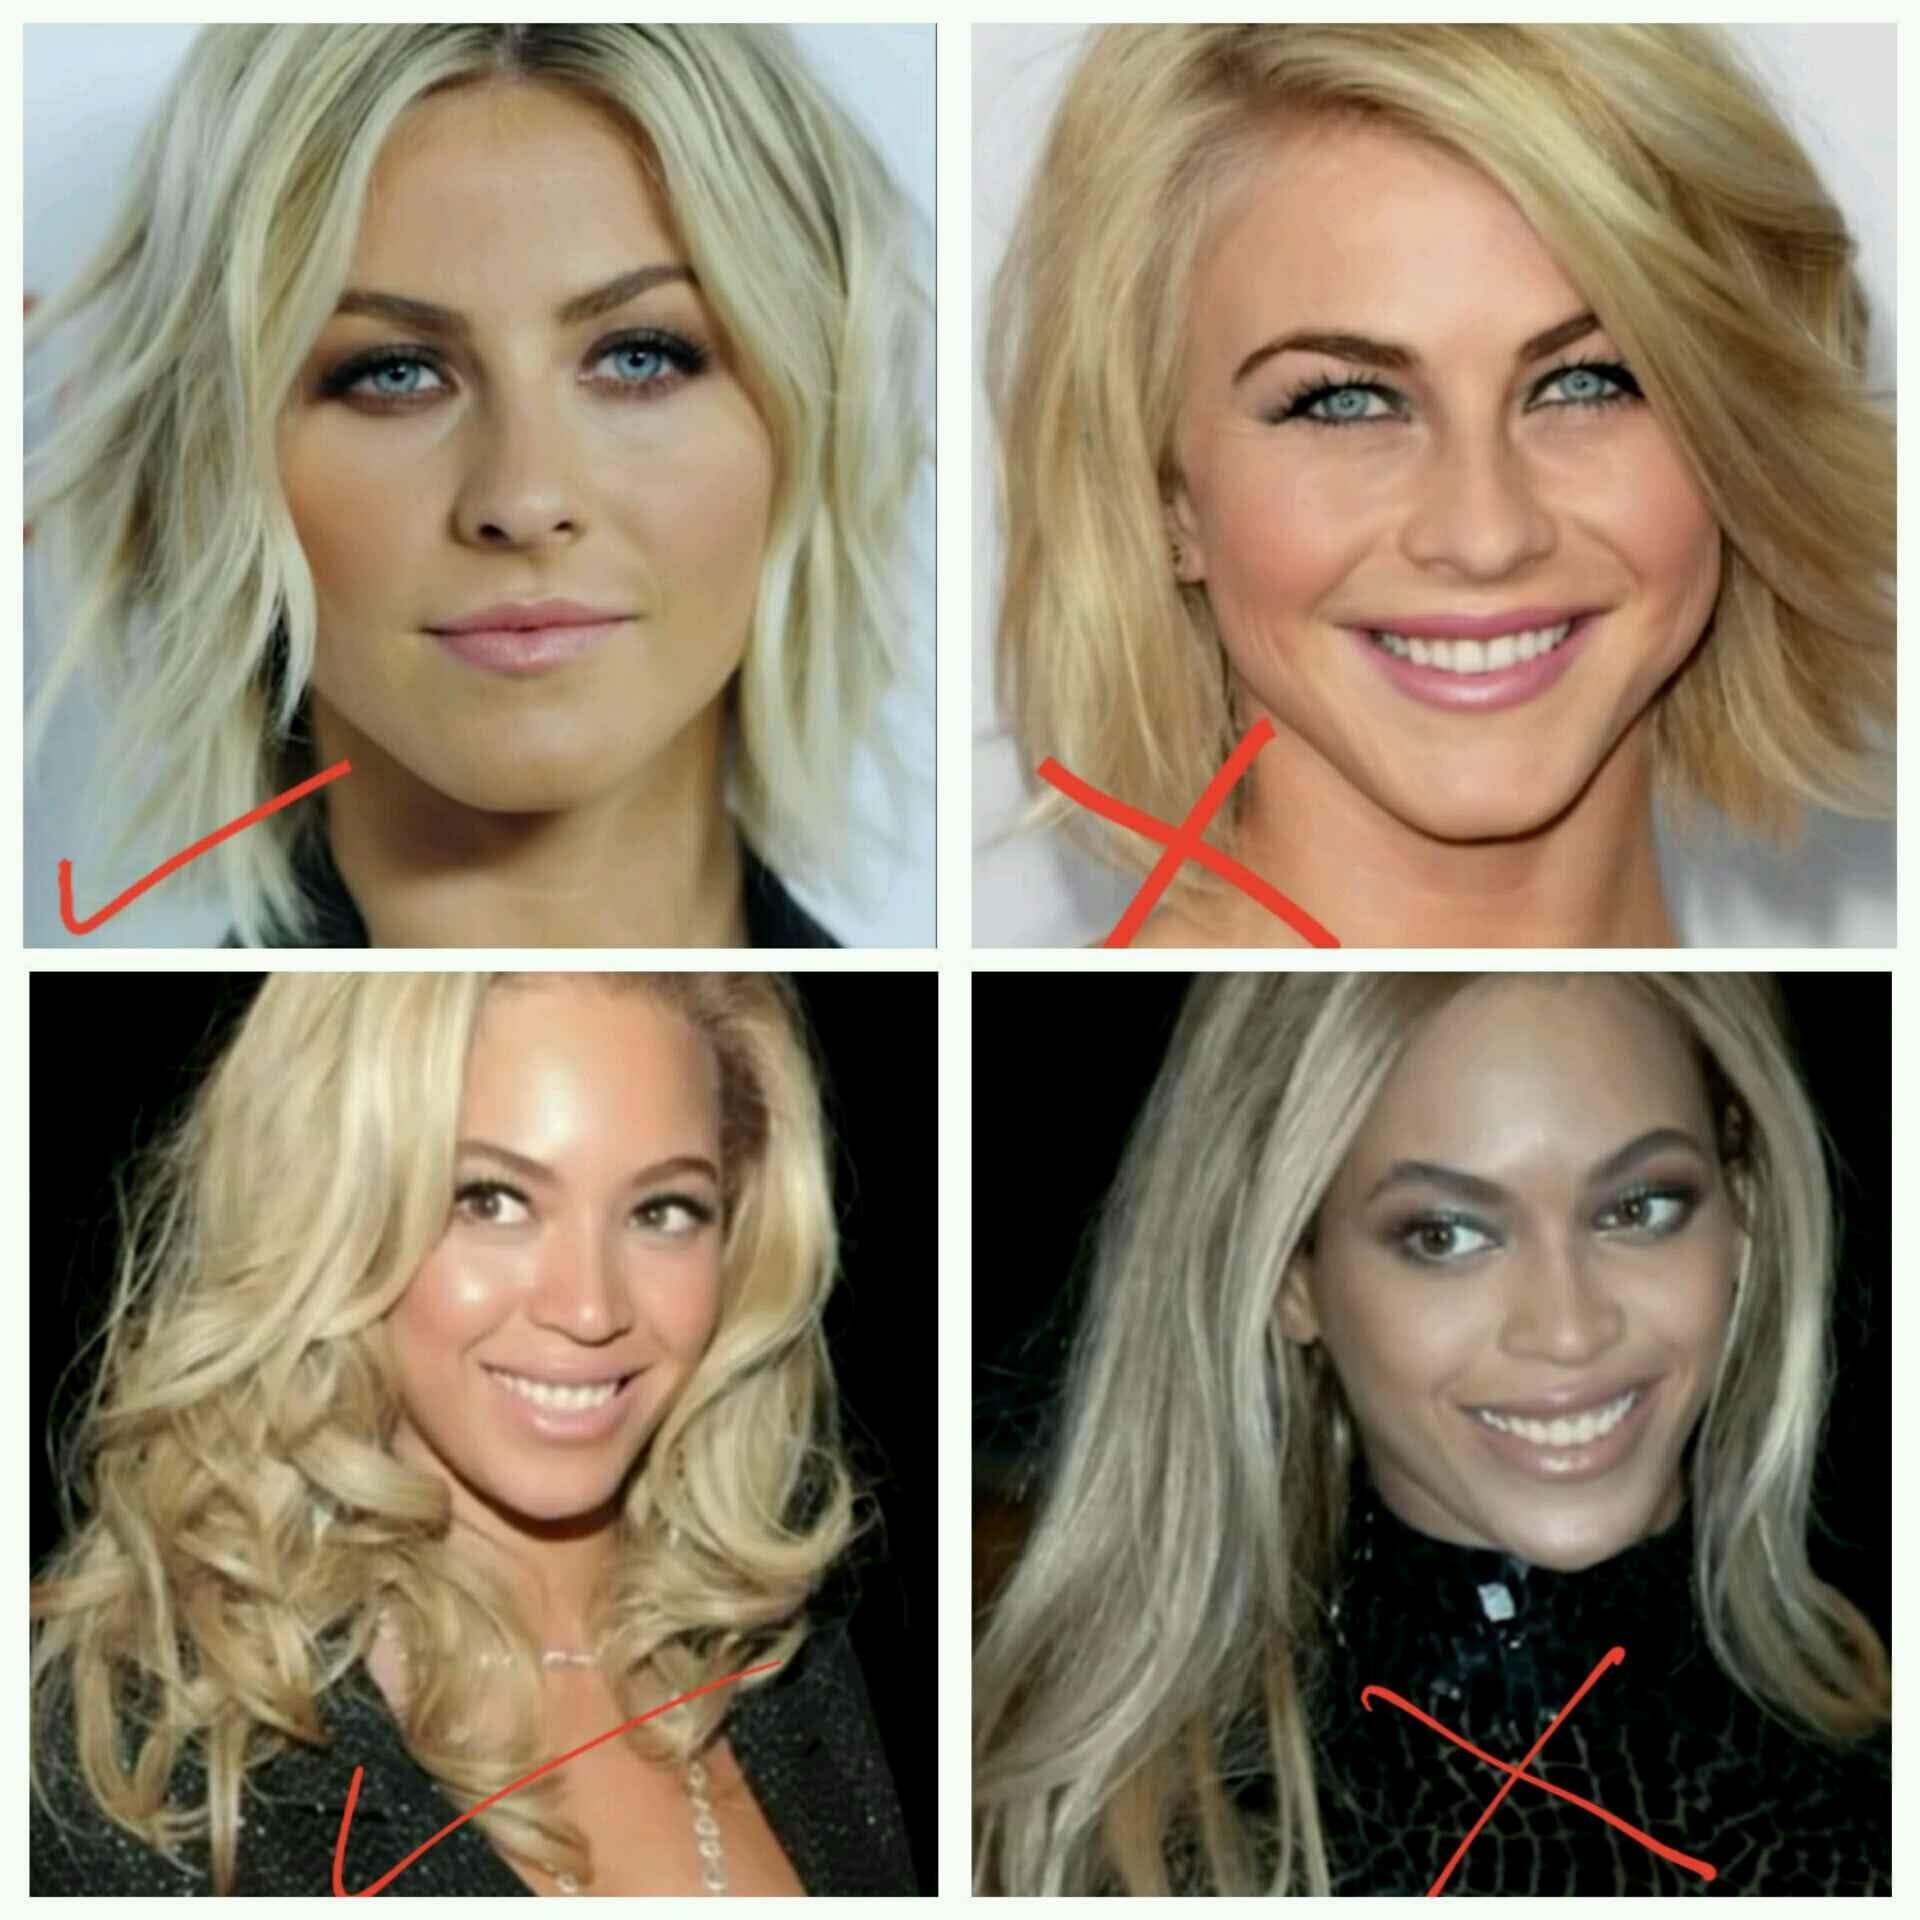 أفضل الصور المميزة لتحديد لون الشعر رائعة